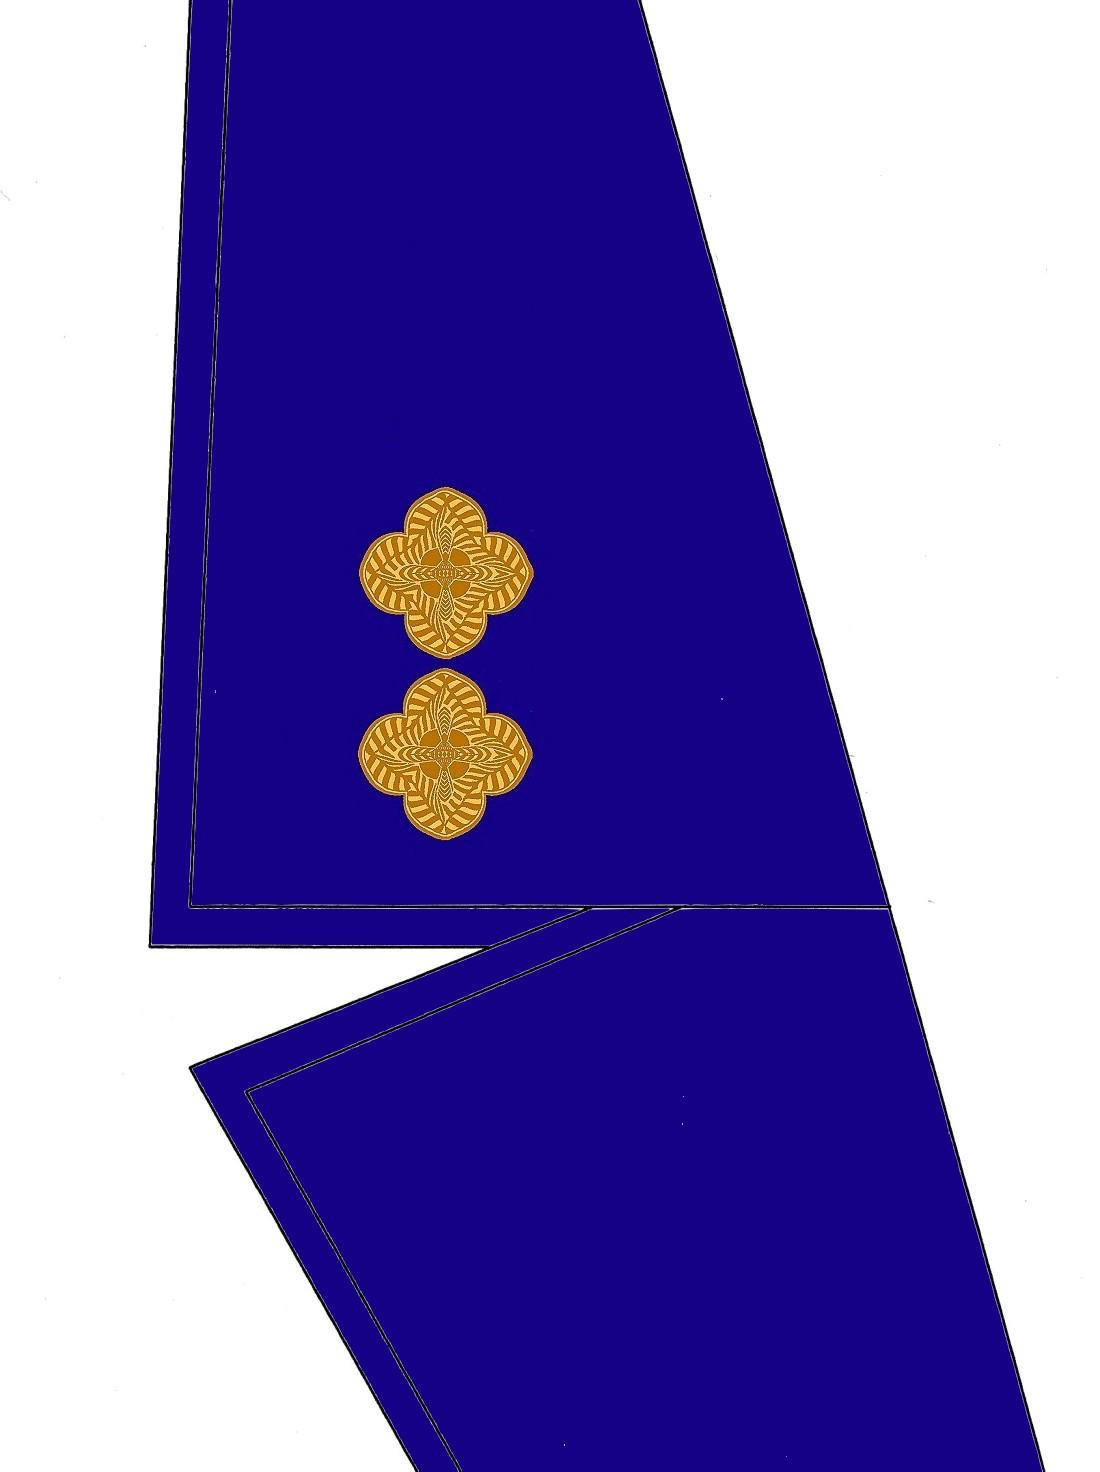 13-kragen-rangabzeichen-oberleutnant-hg-blau